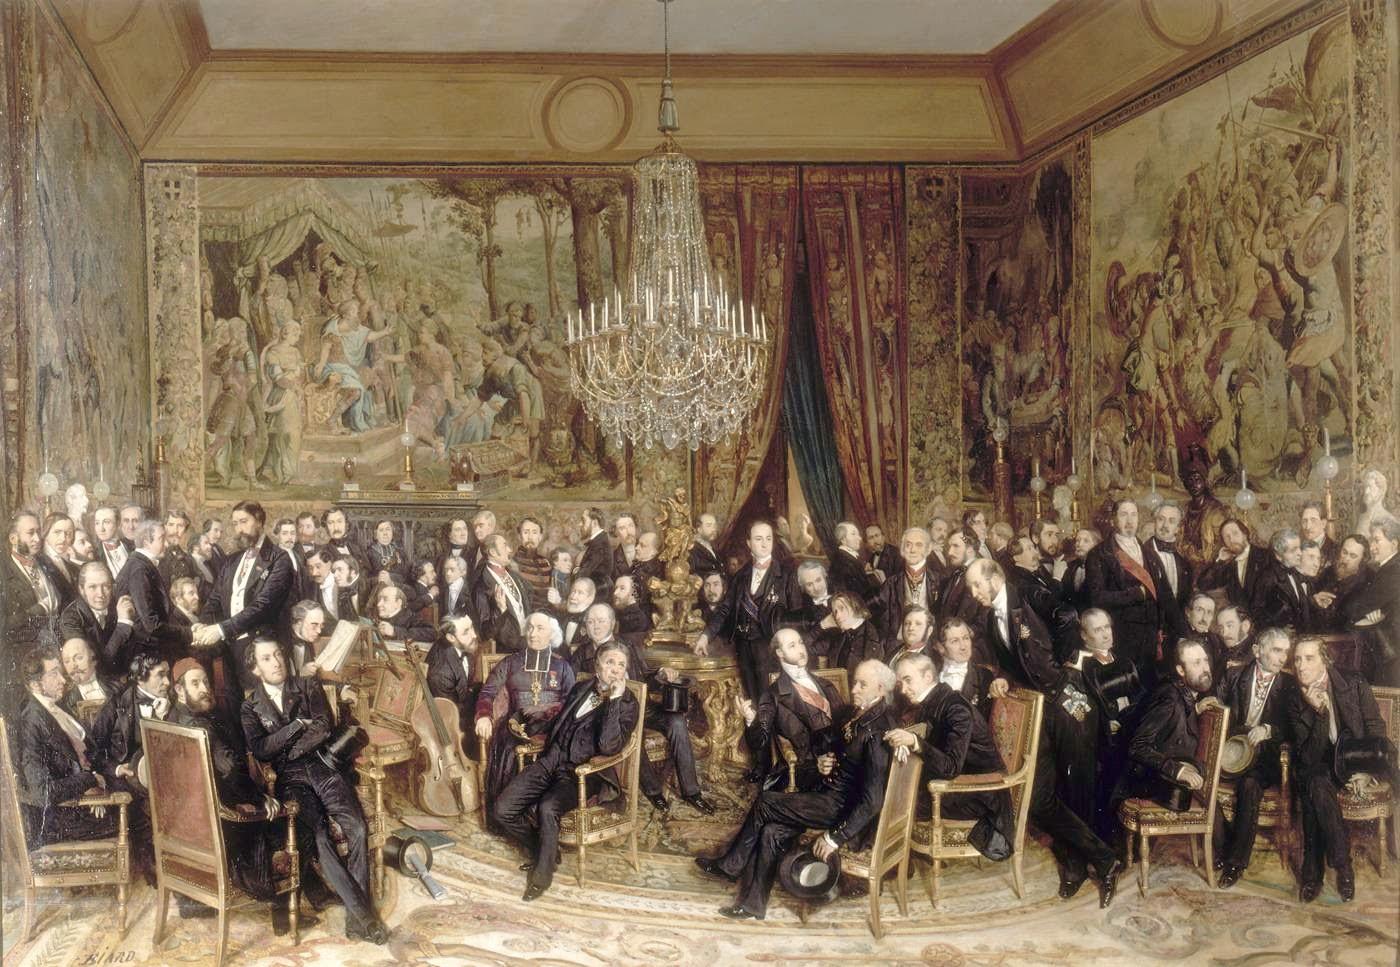 Peinture Française du 19ème Siècle: Soirée at the Louvre (1855)